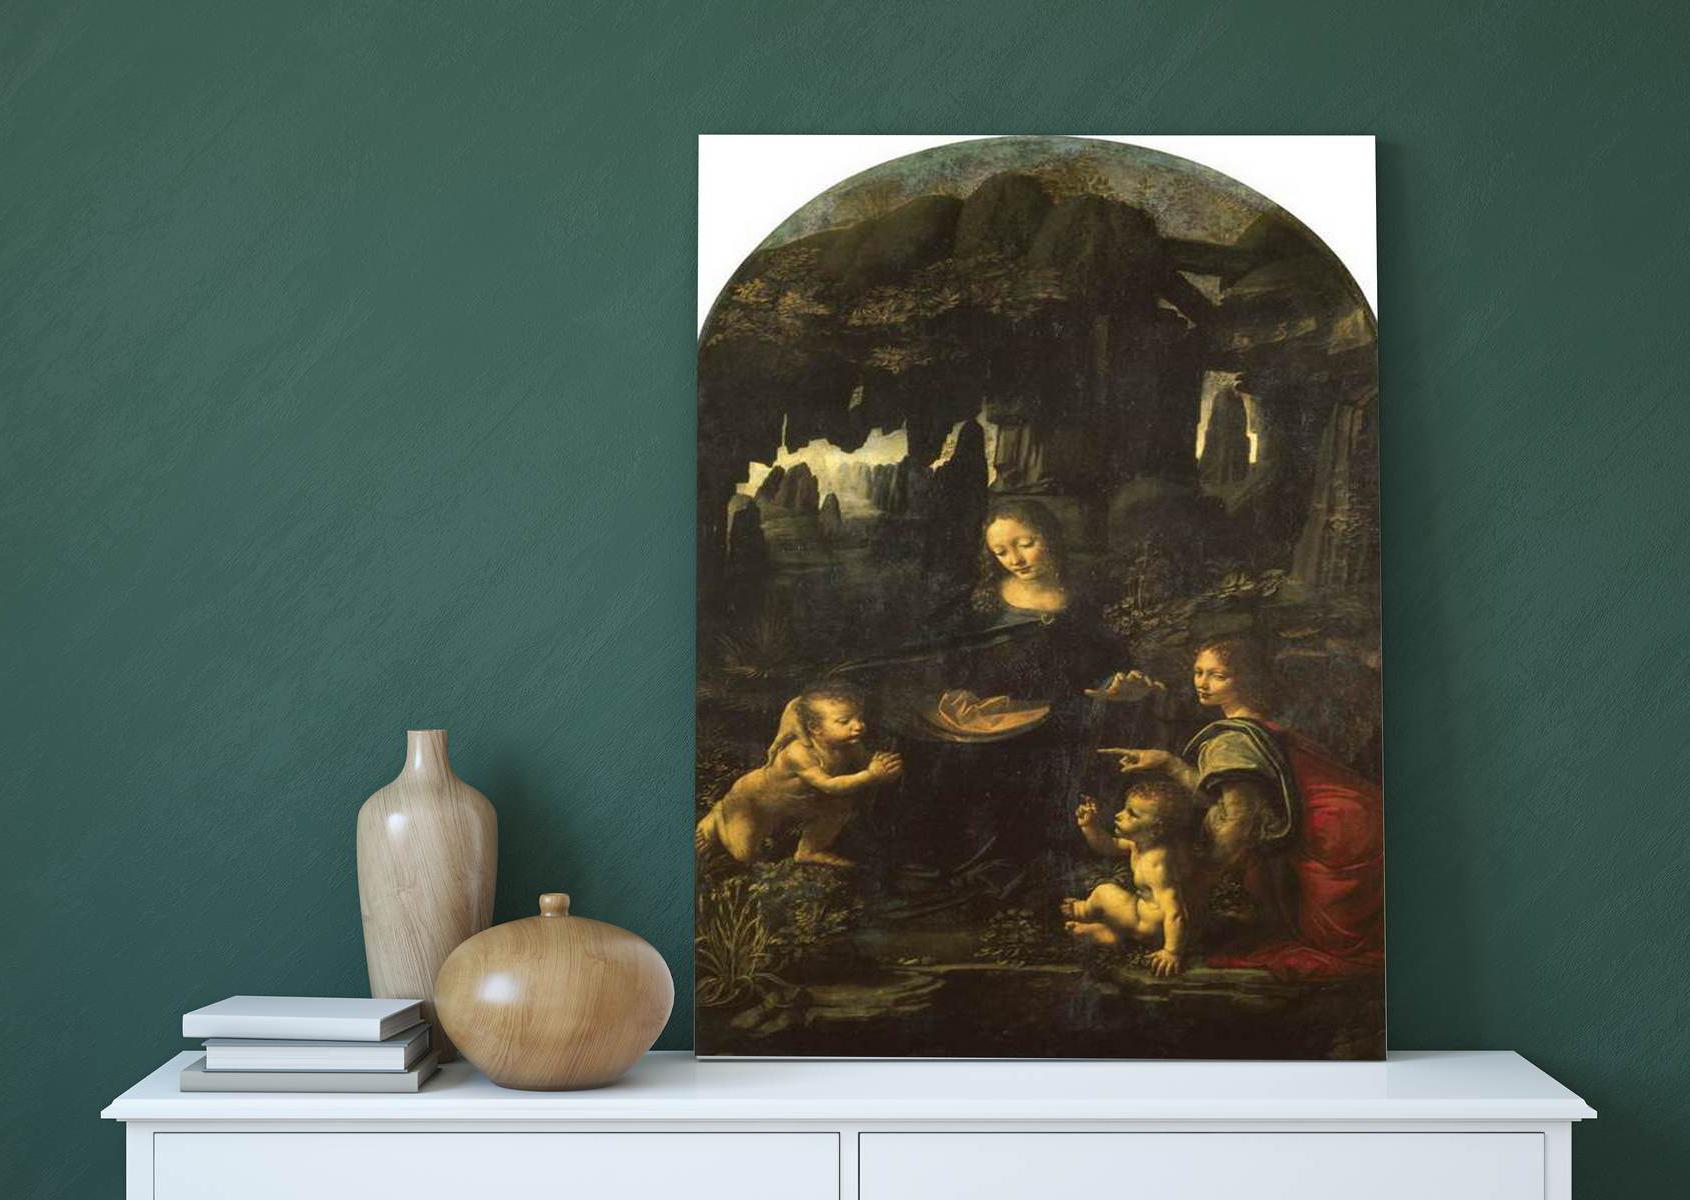 Un înger şi pruncul Iisus, descoperiţi sub unul dintre cele mai cunoscute tablouri ale lui da Vinci. Schiţele au fost găsite cu ajutorul tehnologiei folosită pentru prinderea lui Osama bin Laden